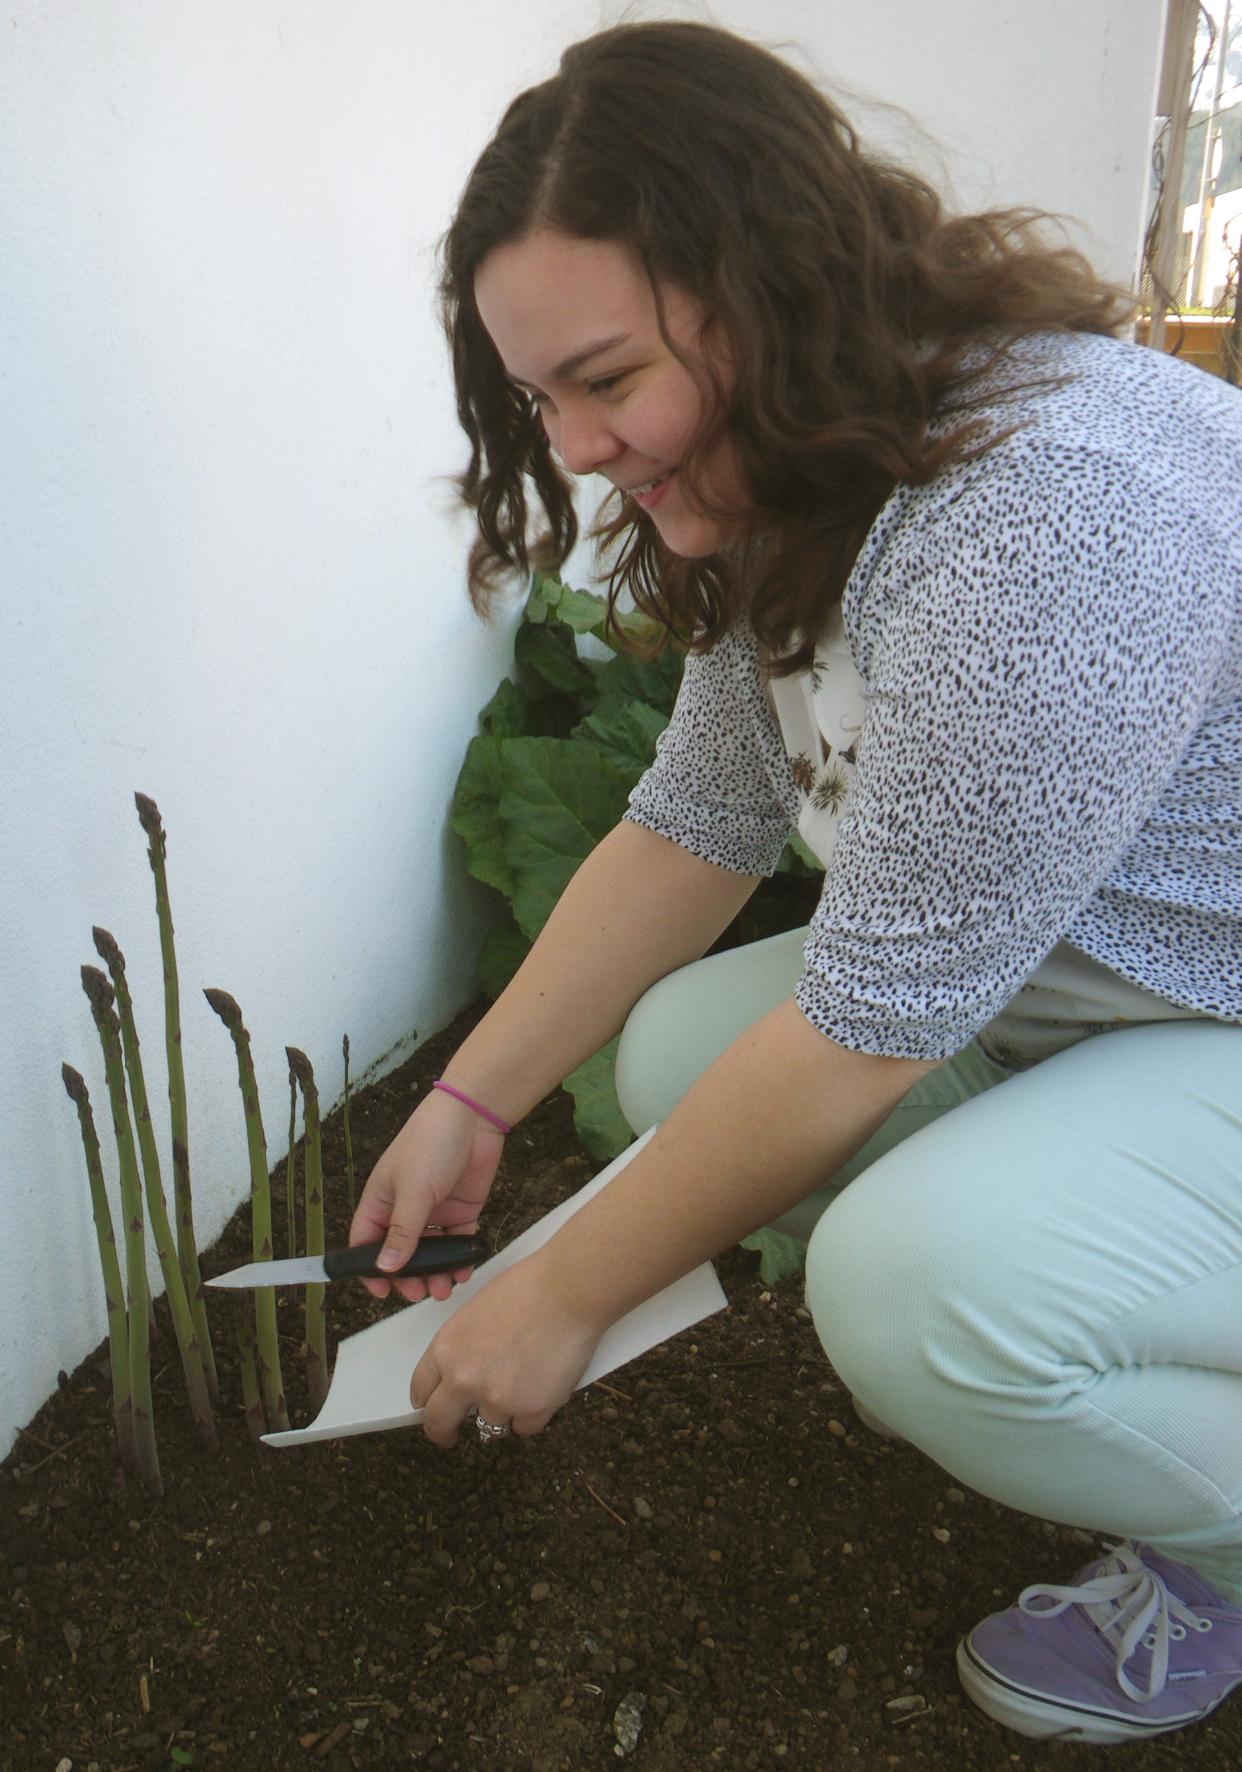 Sarah harvests asparagus